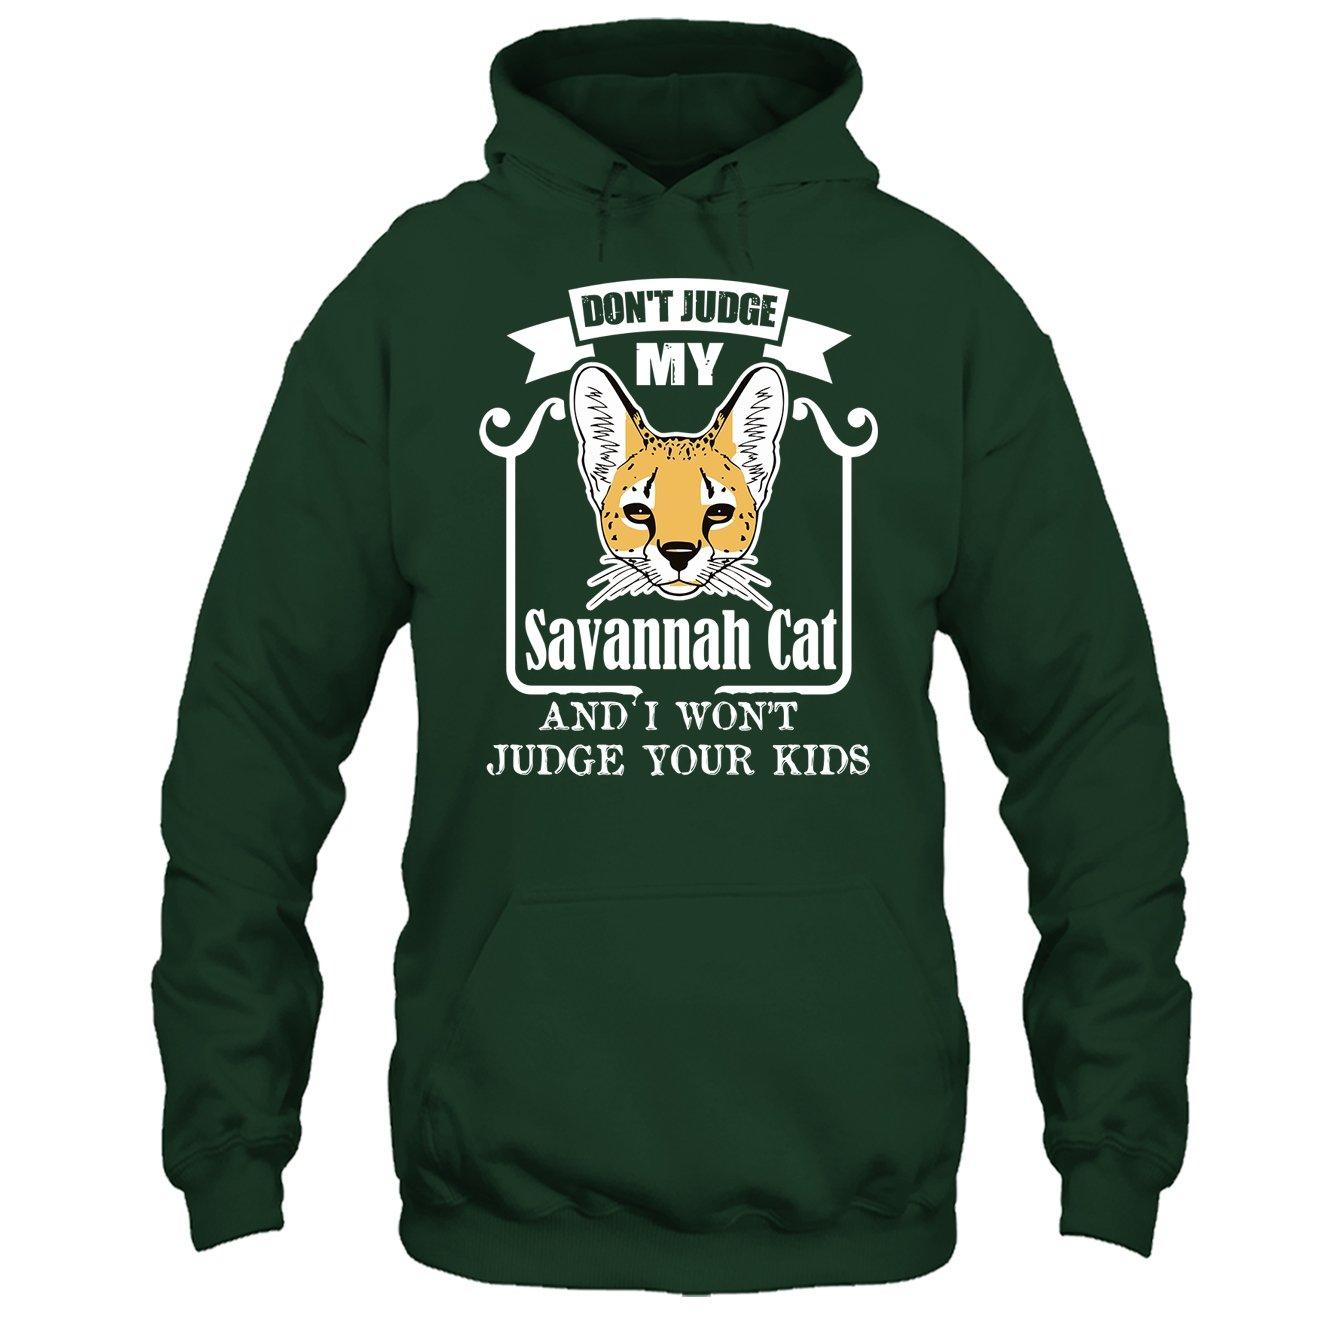 Addblue Savannah Tshirt Design Dont Jugde My Savannah T Shirt